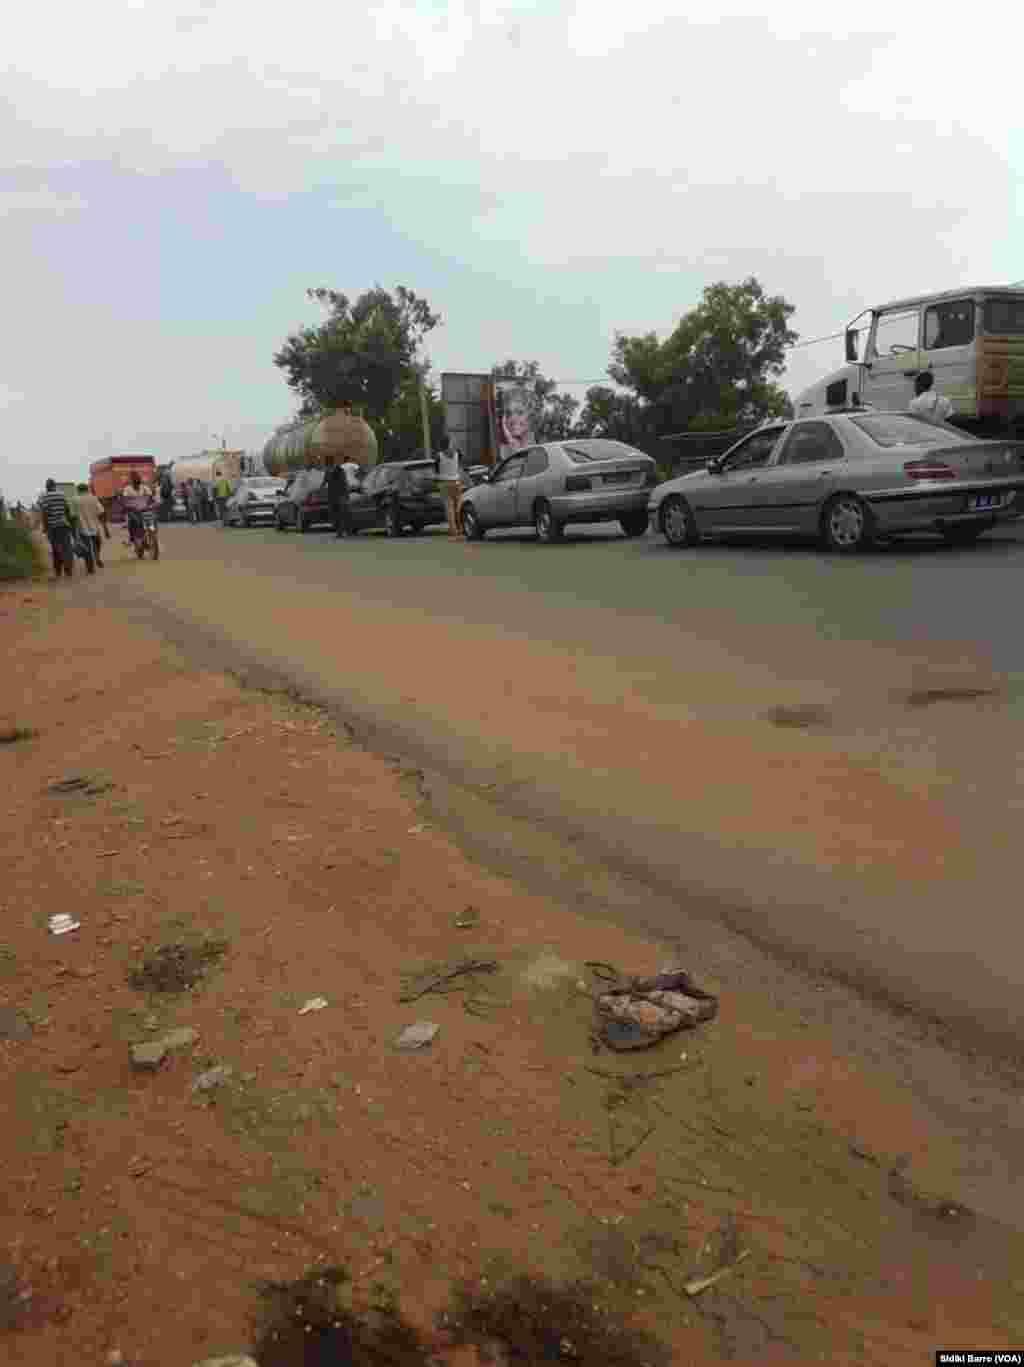 Des taxis et autres voitures sont garés sur le côté de la route à Bouaké, Cote d'Ivoire, 13 mai 2017. (VOA/Sidiki Barro)